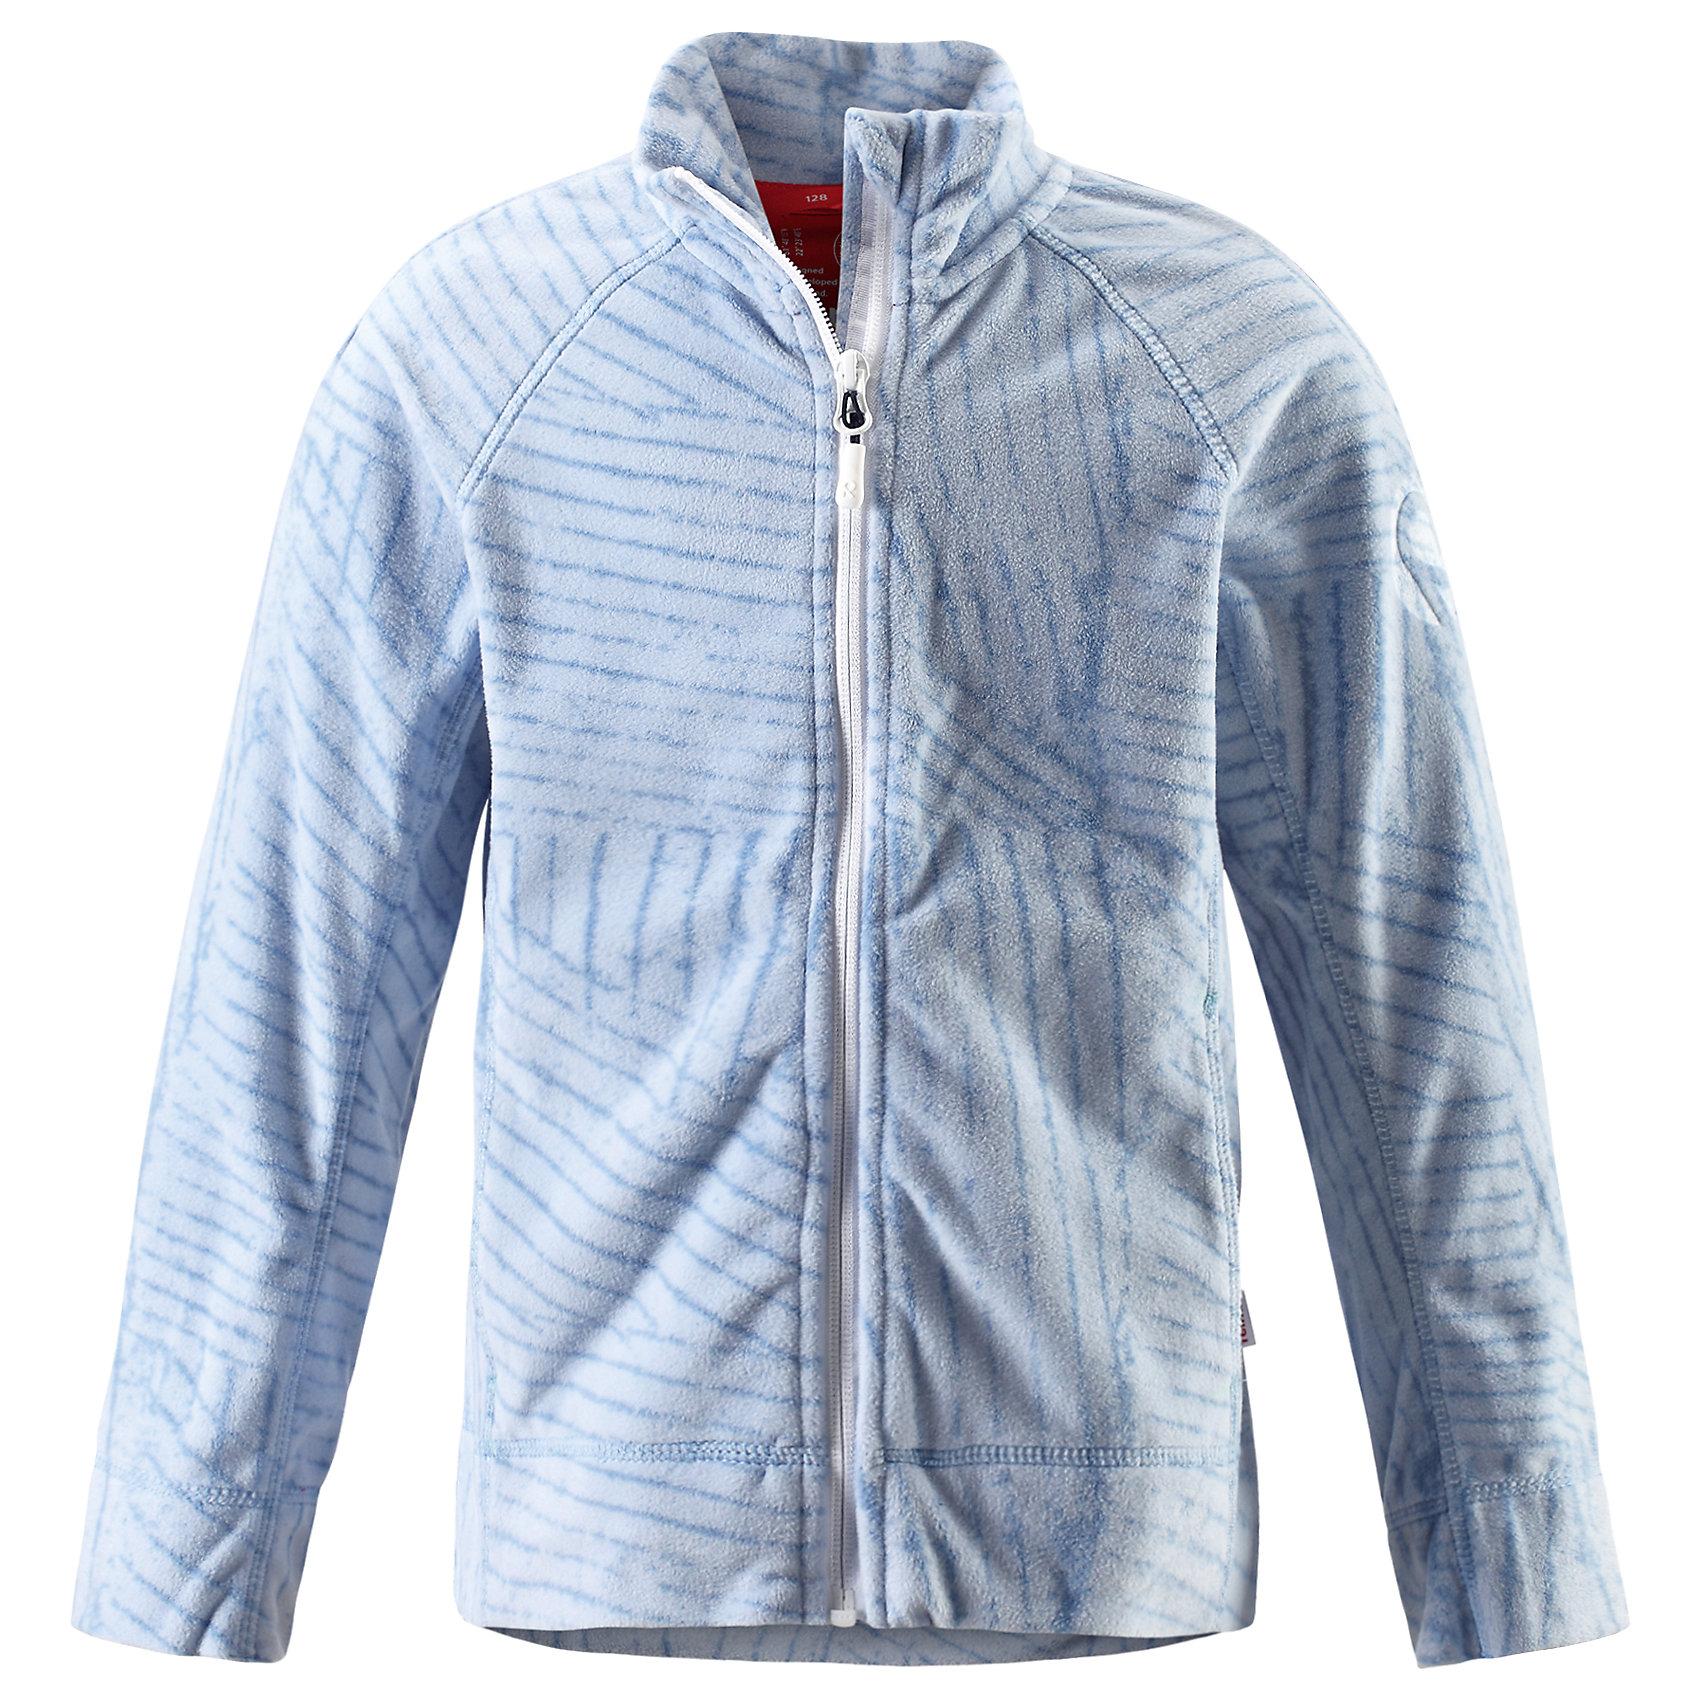 Куртка Piiru флисовая для девочки ReimaФлис и термобелье<br>Характеристики товара:<br><br>• цвет: голубой<br>• состав: 100% полиэстер<br>• теплый, легкий и быстросохнущий микрофлис<br>• молния во всю длину со вставкой для защиты подбородка<br>• приятная на ощупь ткань<br>• два боковых кармана<br>• комфортная посадка<br>• с отделкой горячим тиснением<br>• страна производства: Китай<br>• страна бренда: Финляндия<br>• коллекция: весна-лето 2017<br><br>Одежда для детей может быть модной и комфортной одновременно! Удобная курточка поможет обеспечить ребенку комфорт и тепло. Изделие сшито из микрофлиса - мягкого и теплого материала, приятного на ощупь. Модель стильно смотрится, отлично сочетается с различным низом. Стильный дизайн разрабатывался специально для детей.<br><br>Одежда и обувь от финского бренда Reima пользуется популярностью во многих странах. Эти изделия стильные, качественные и удобные. Для производства продукции используются только безопасные, проверенные материалы и фурнитура. Порадуйте ребенка модными и красивыми вещами от Reima! <br><br>Куртку флисовую для девочки от финского бренда Reima (Рейма) можно купить в нашем интернет-магазине.<br><br>Ширина мм: 356<br>Глубина мм: 10<br>Высота мм: 245<br>Вес г: 519<br>Цвет: синий<br>Возраст от месяцев: 96<br>Возраст до месяцев: 108<br>Пол: Женский<br>Возраст: Детский<br>Размер: 134,116,122,128,140,146,152,158,110<br>SKU: 5267441